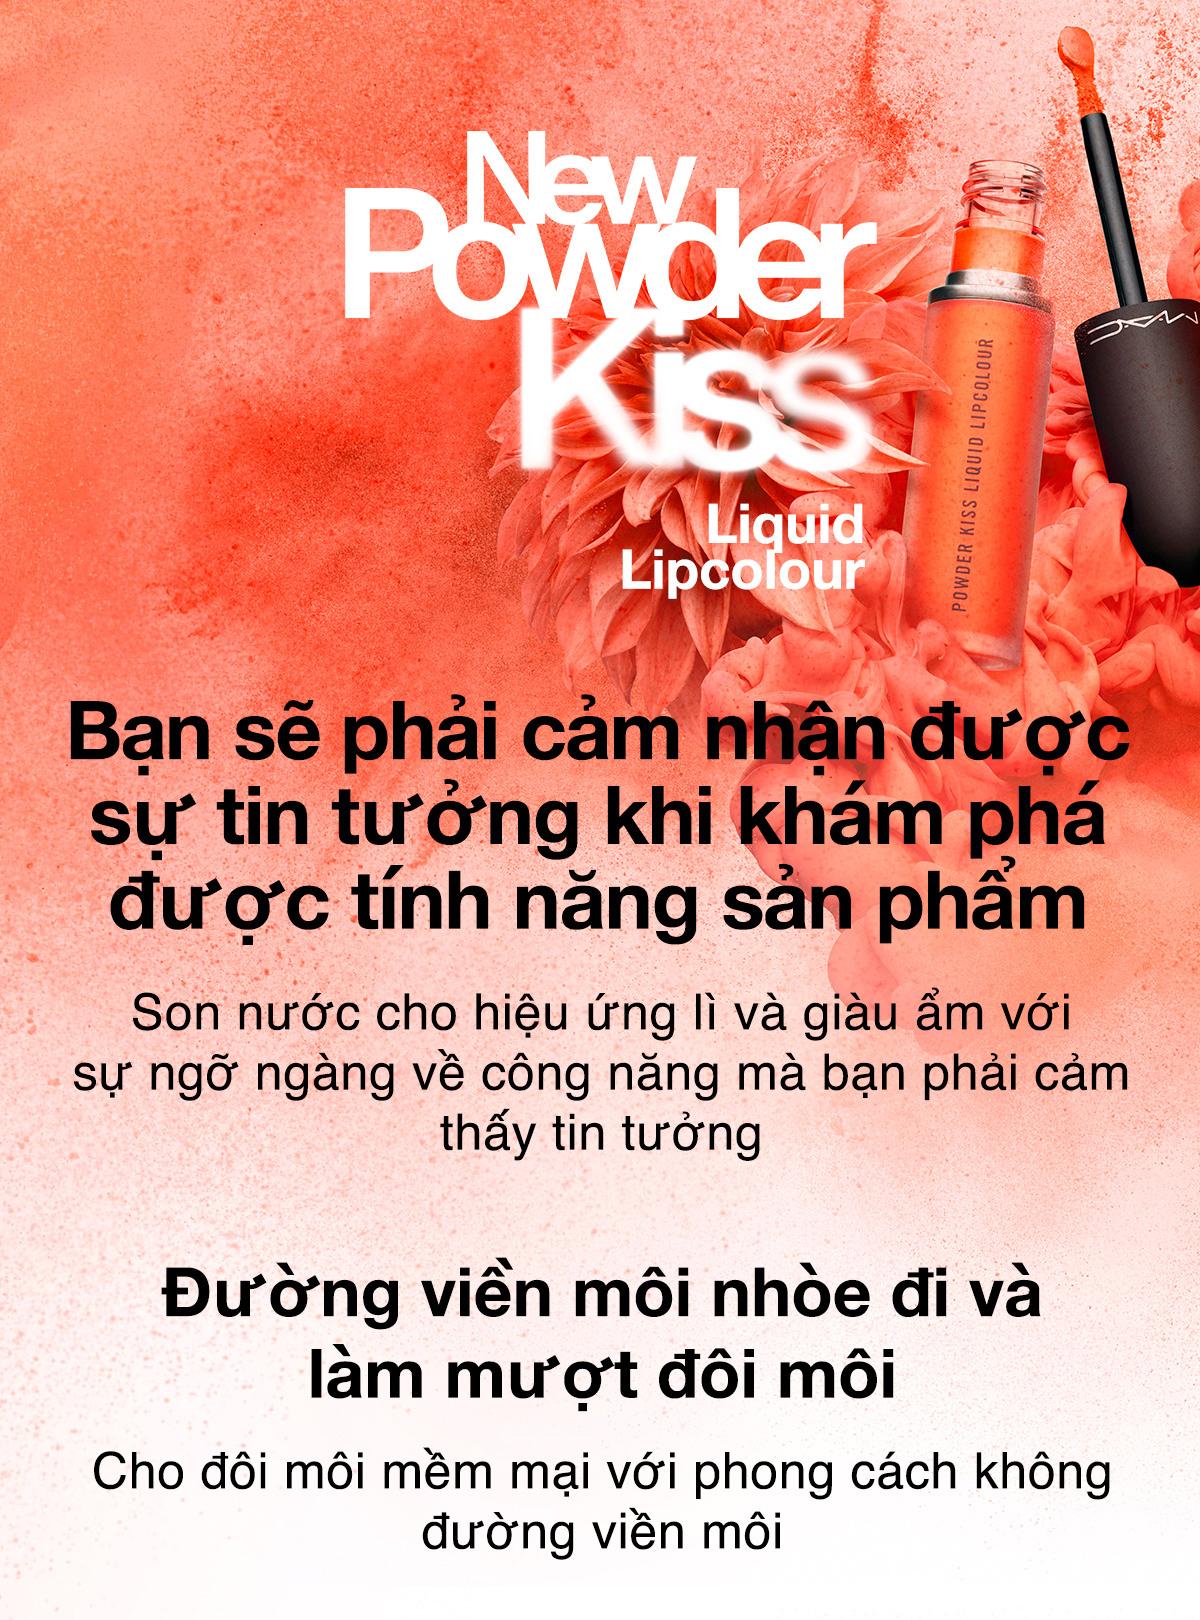 Son Môi MAC POWDER KISS LIQUID LIPCOLOUR 5ml